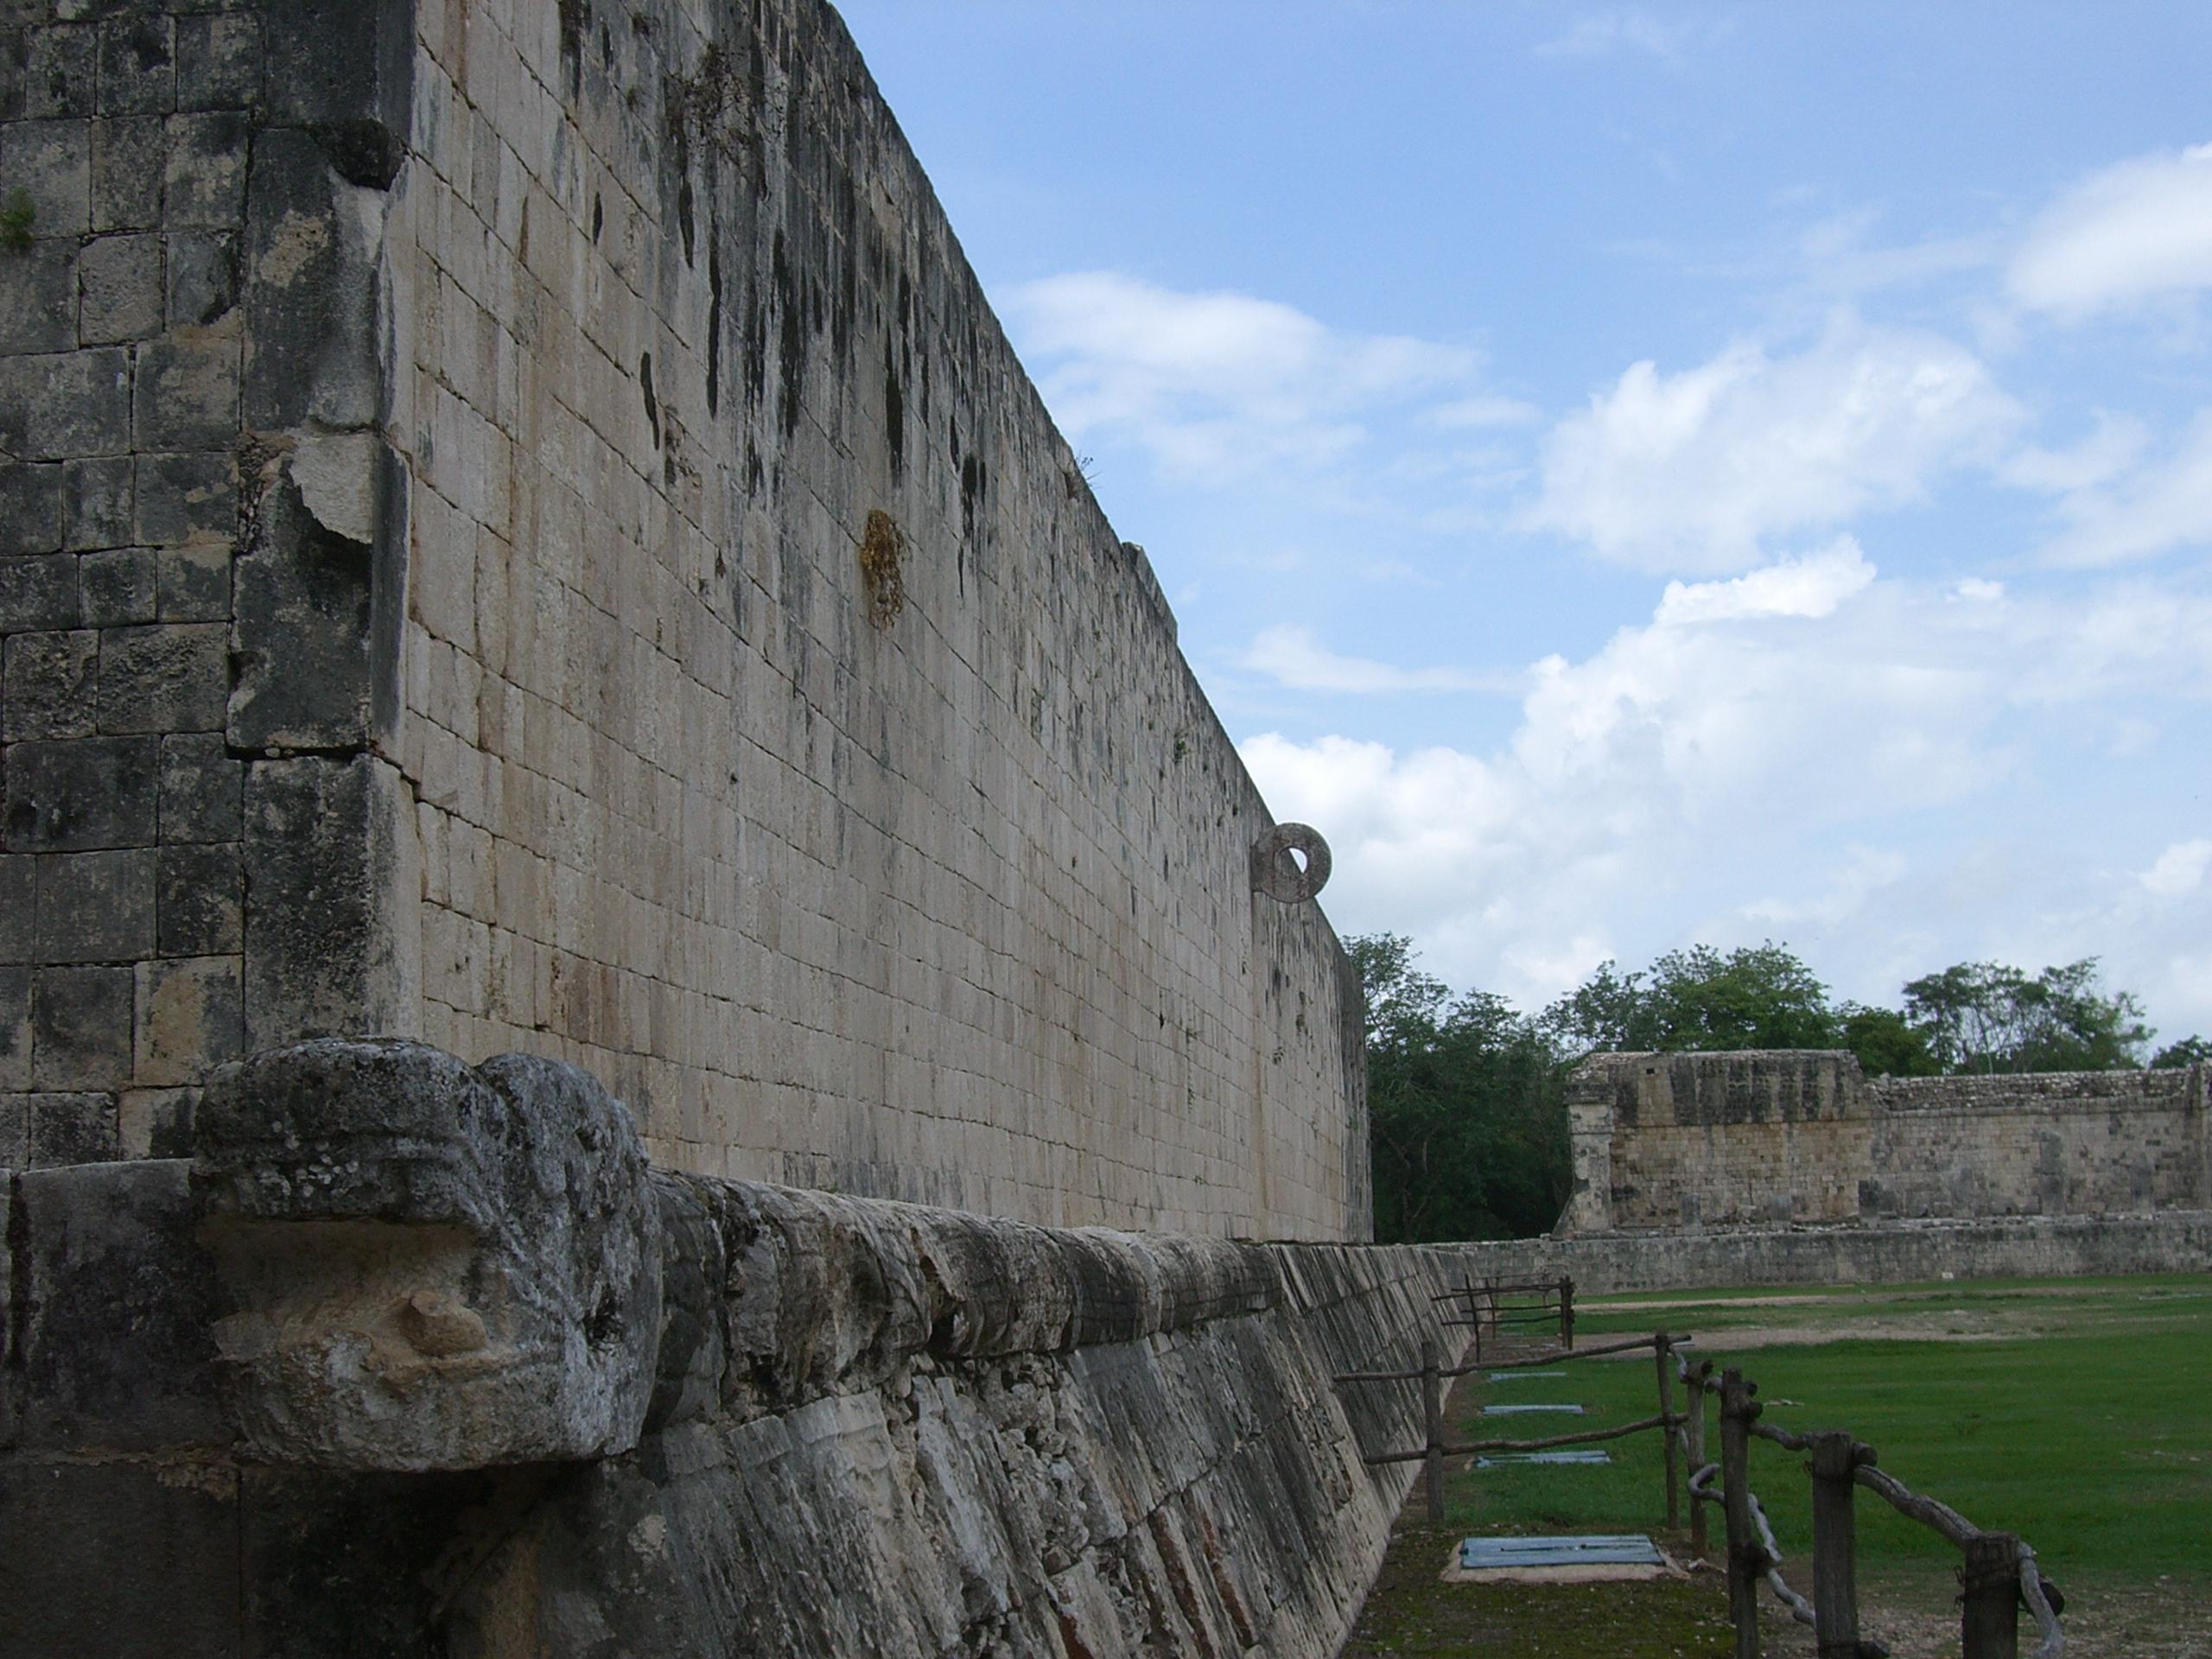 Archivo:Juego pelota-Chichen Itza-Yucatan-Mexico0189.JPG - Wikipedia, la enciclopedia libre